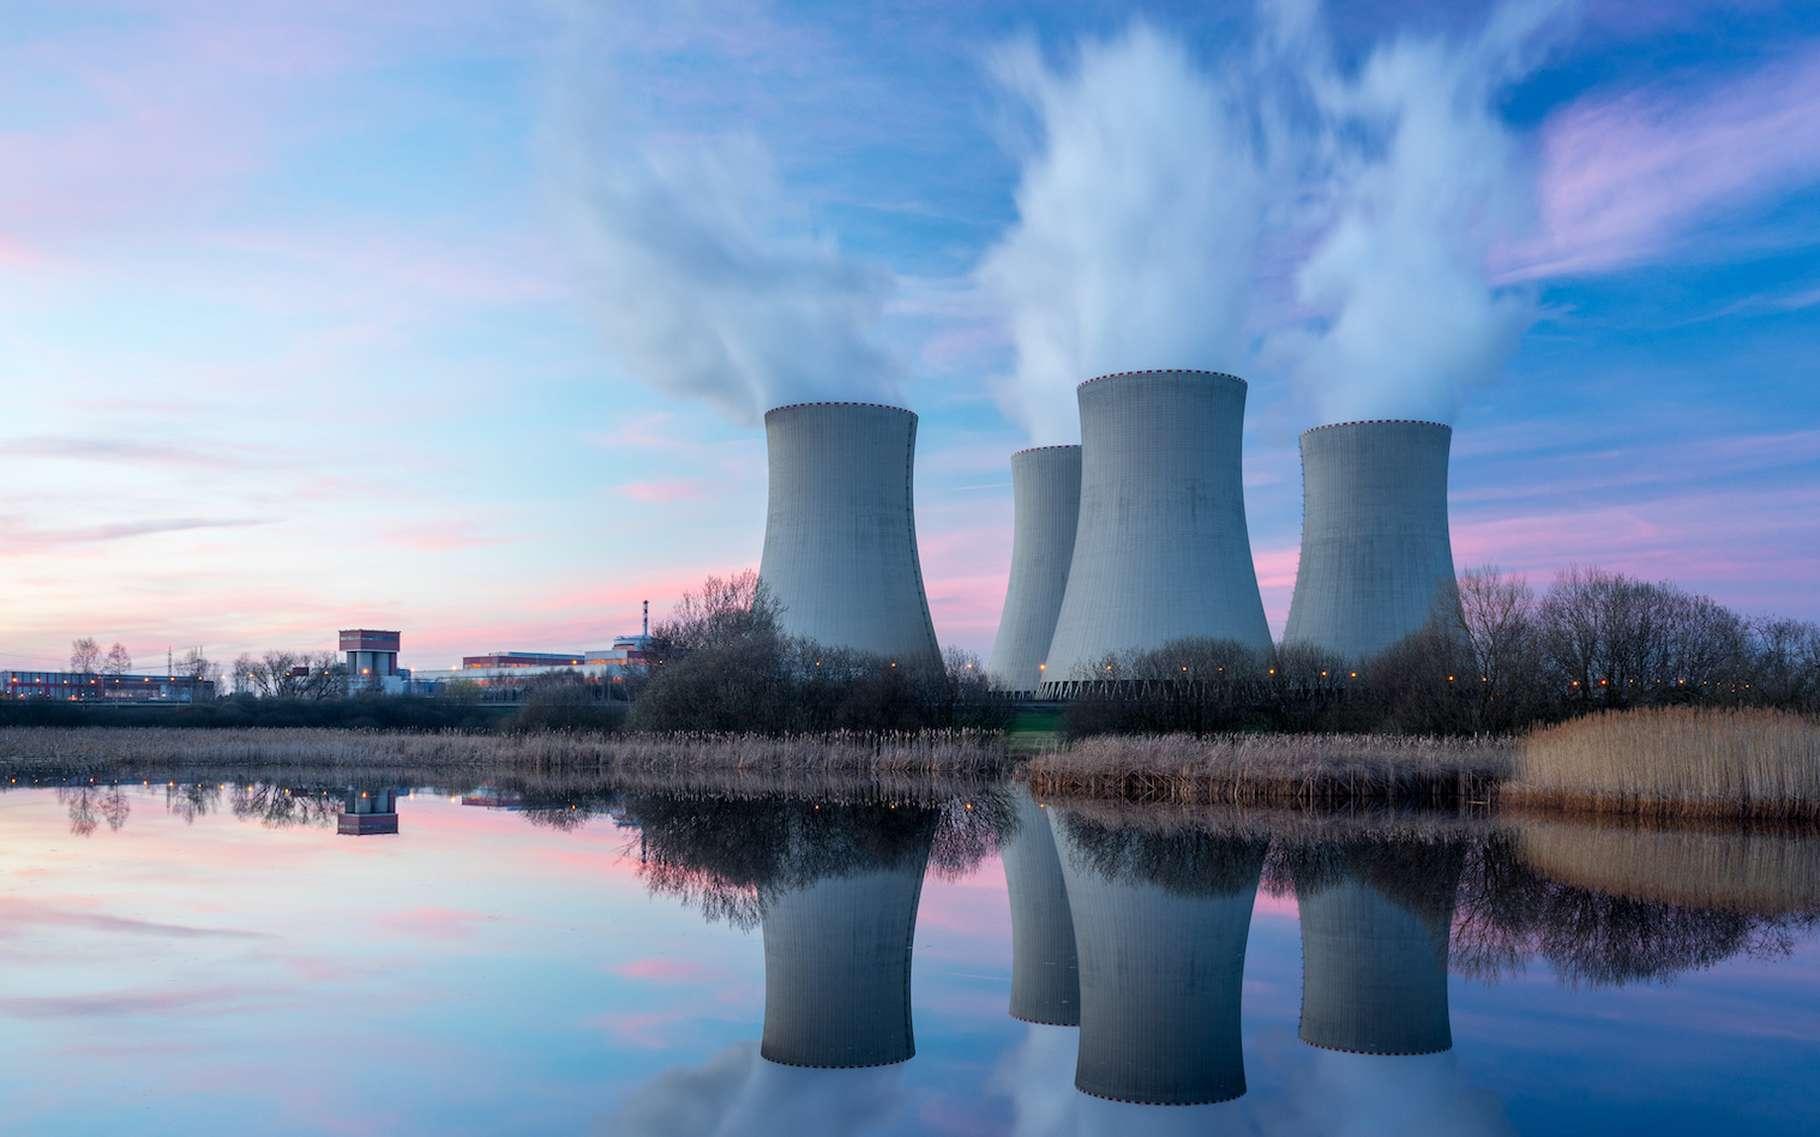 Des chercheurs du Laboratoire national d'Oak Ridge (États-Unis) utilisent l'impression 3D pour imaginer les réacteurs nucléaires de demain. © Vlastimil Sestak, Adobe Stock